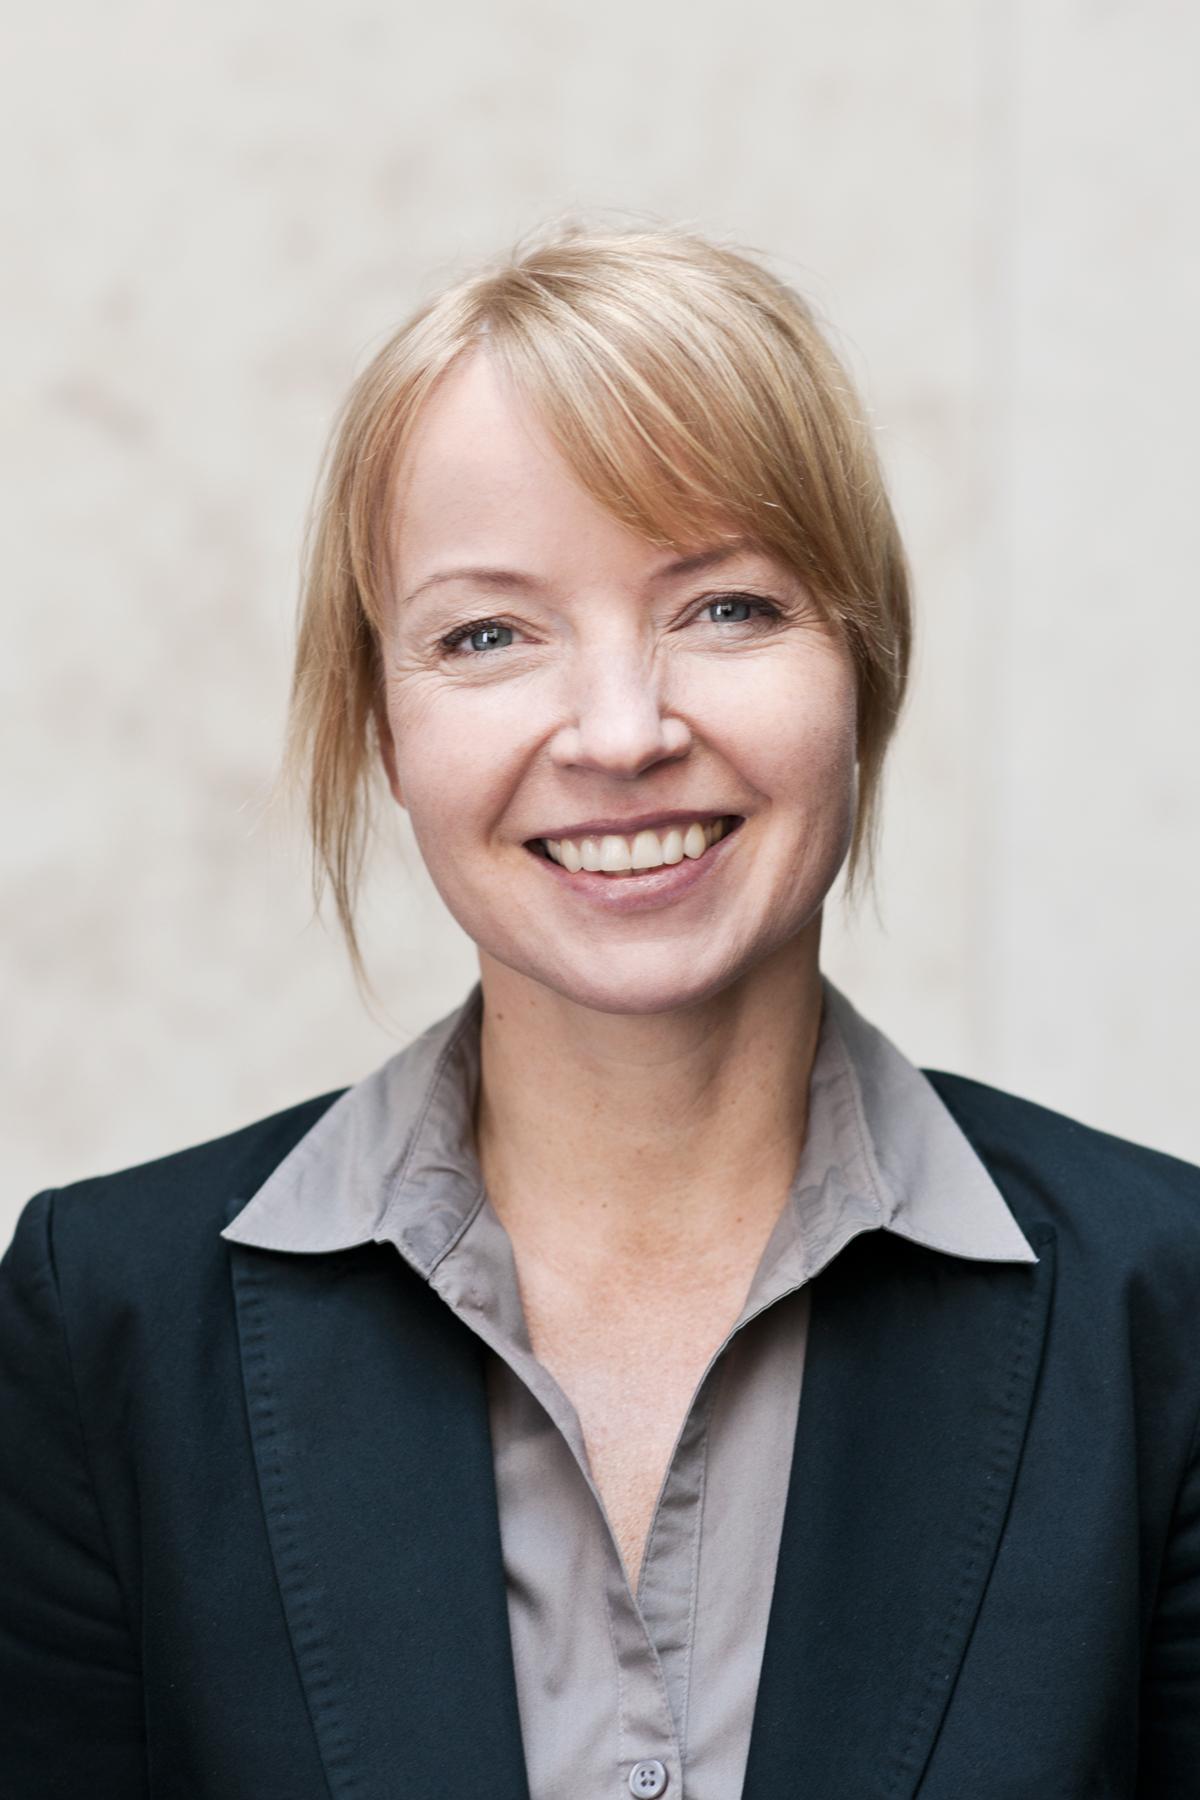 Susanne Fauck